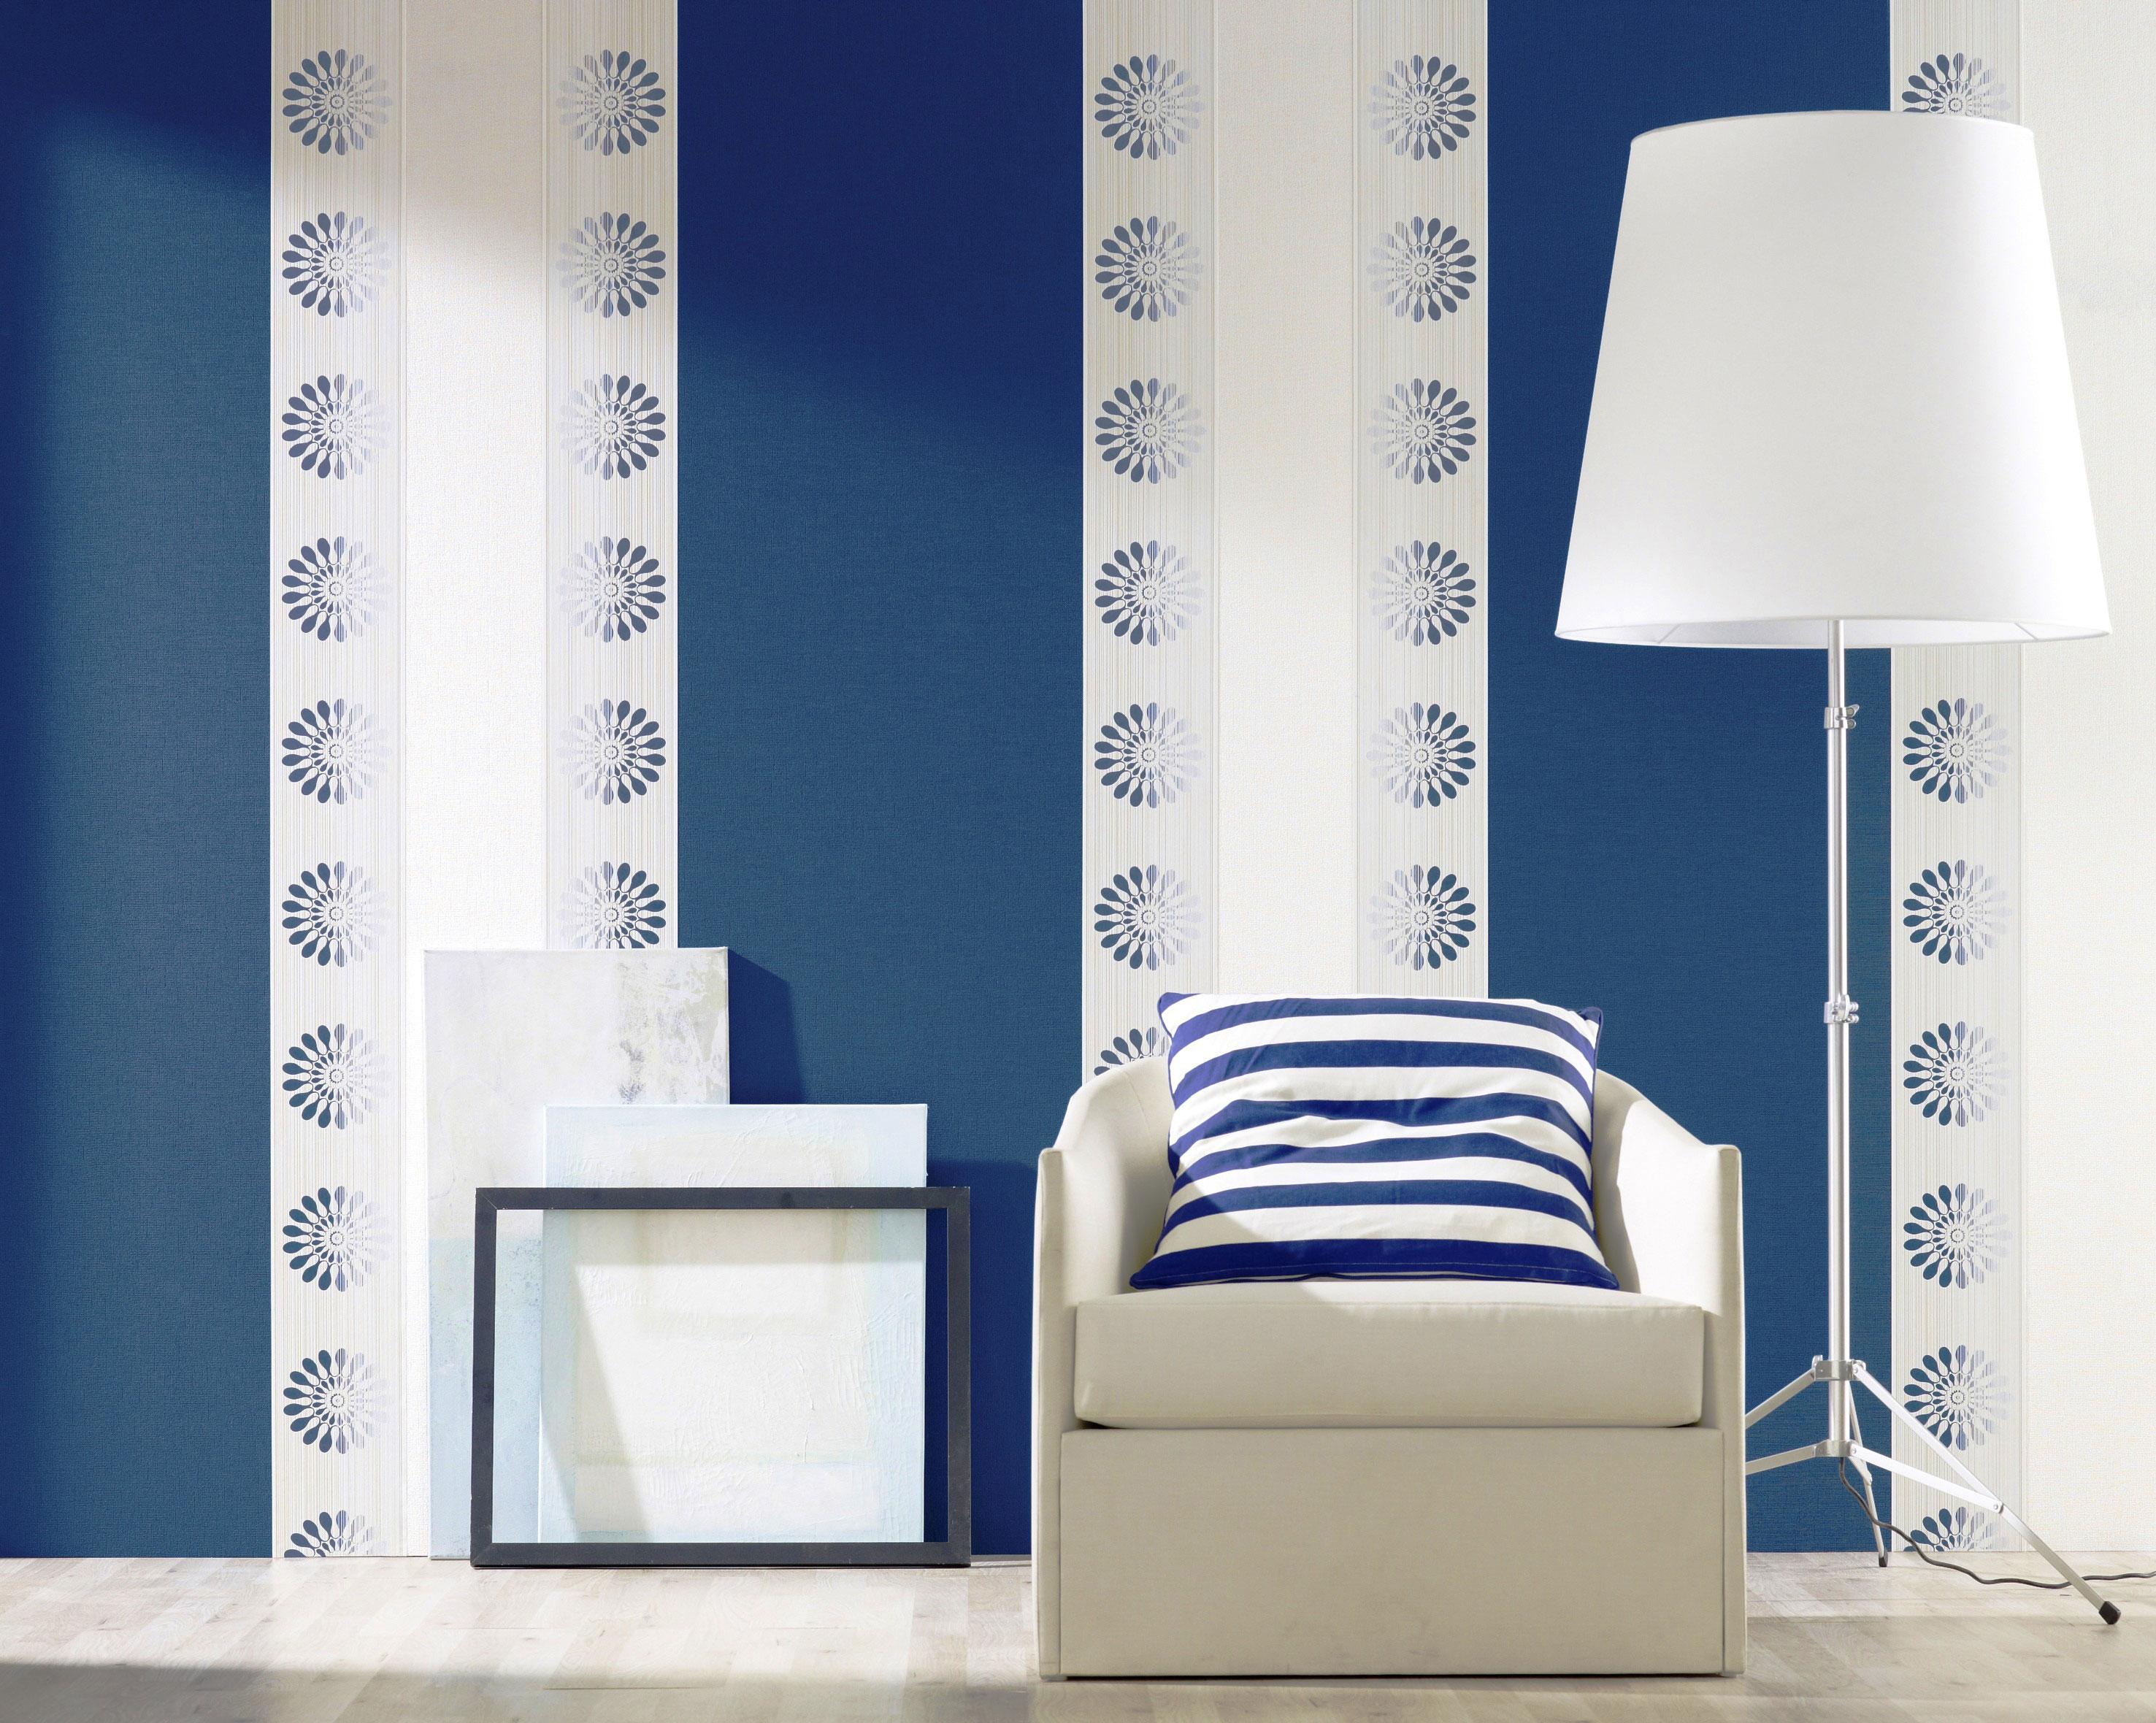 Комбинирование белого цвета и синего создаётся обоями двух видов, тем самых подчёркивает зону для комфортного чтения в спальне